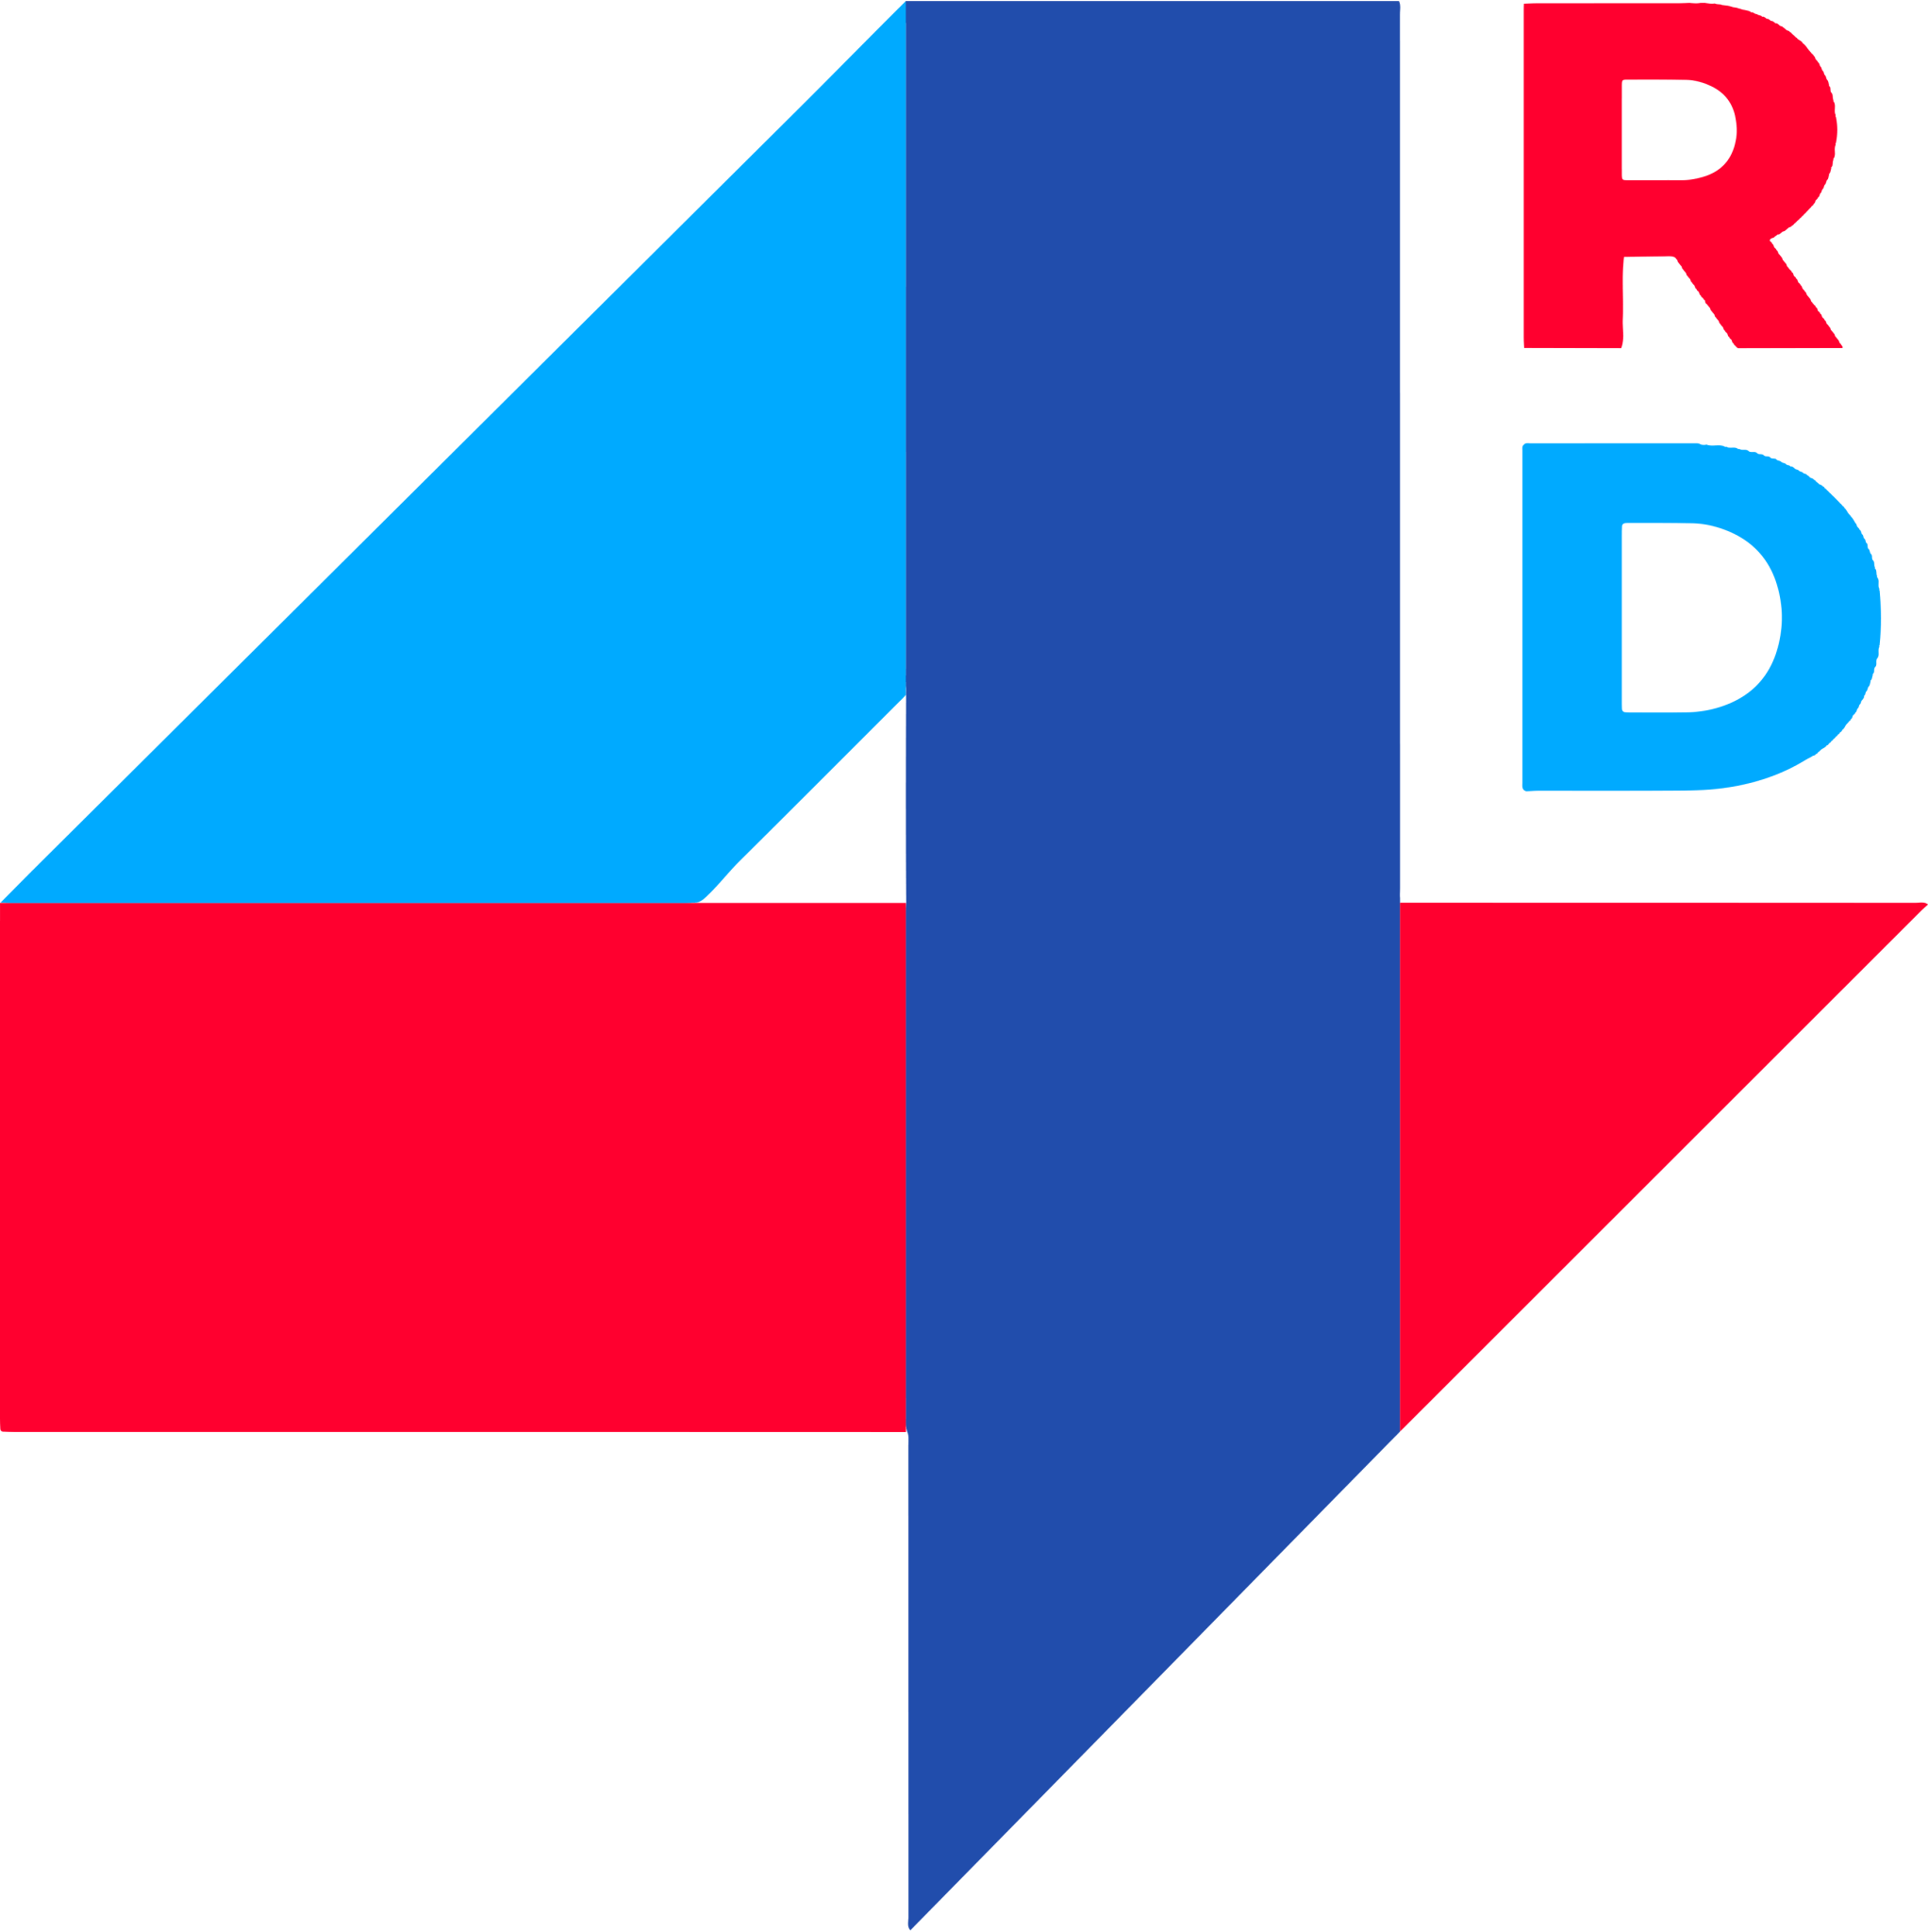 Canal 4 rd en vivo y directo